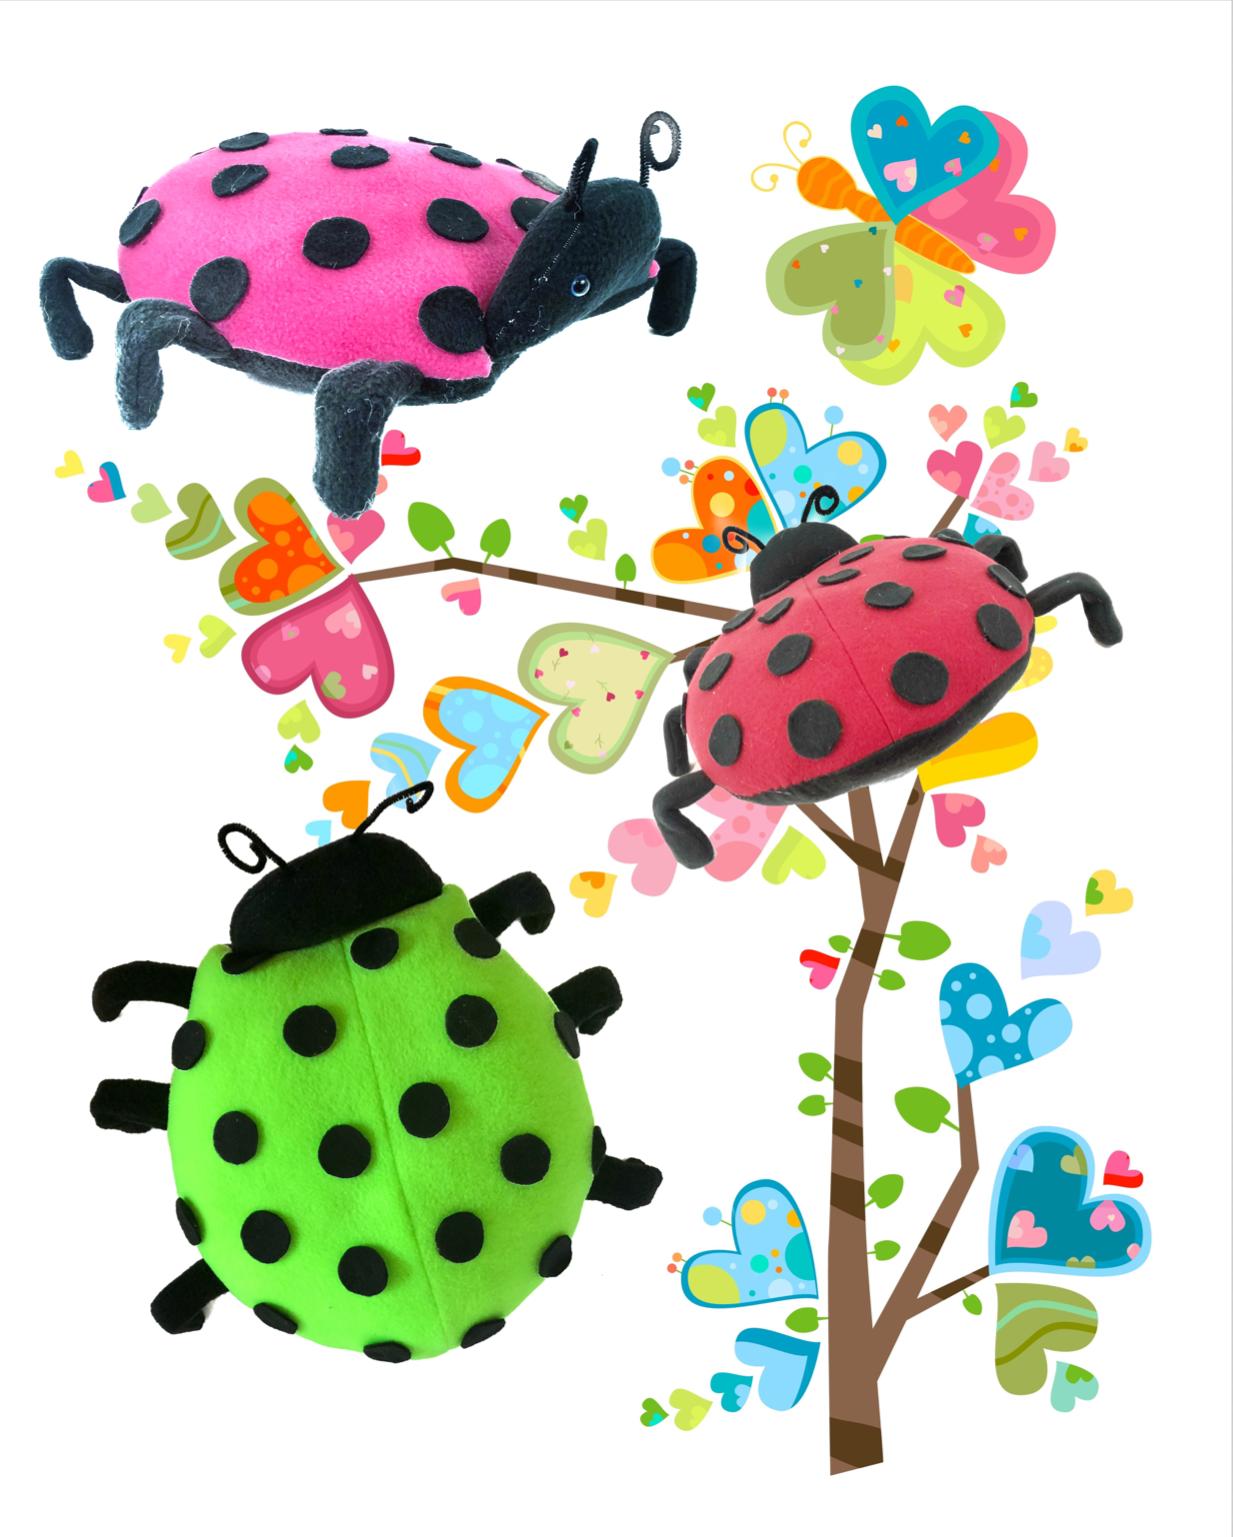 Bug's Life - Ladybug hugs and butterfly kisses!